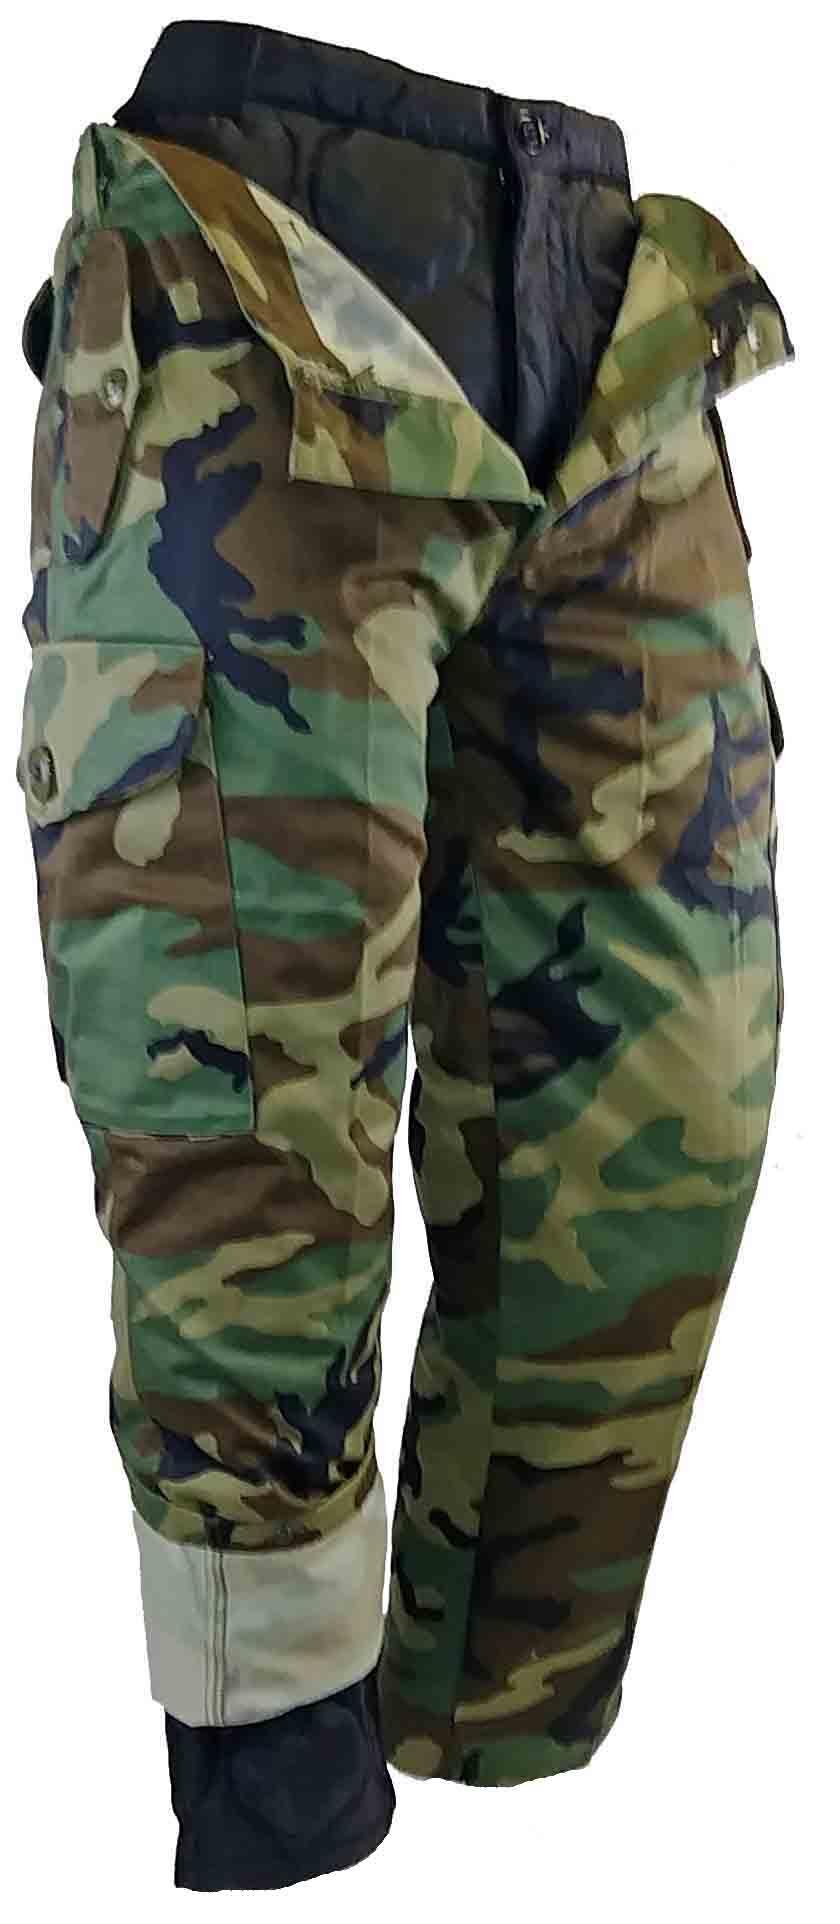 Pantalon camo vert de style combat doublé